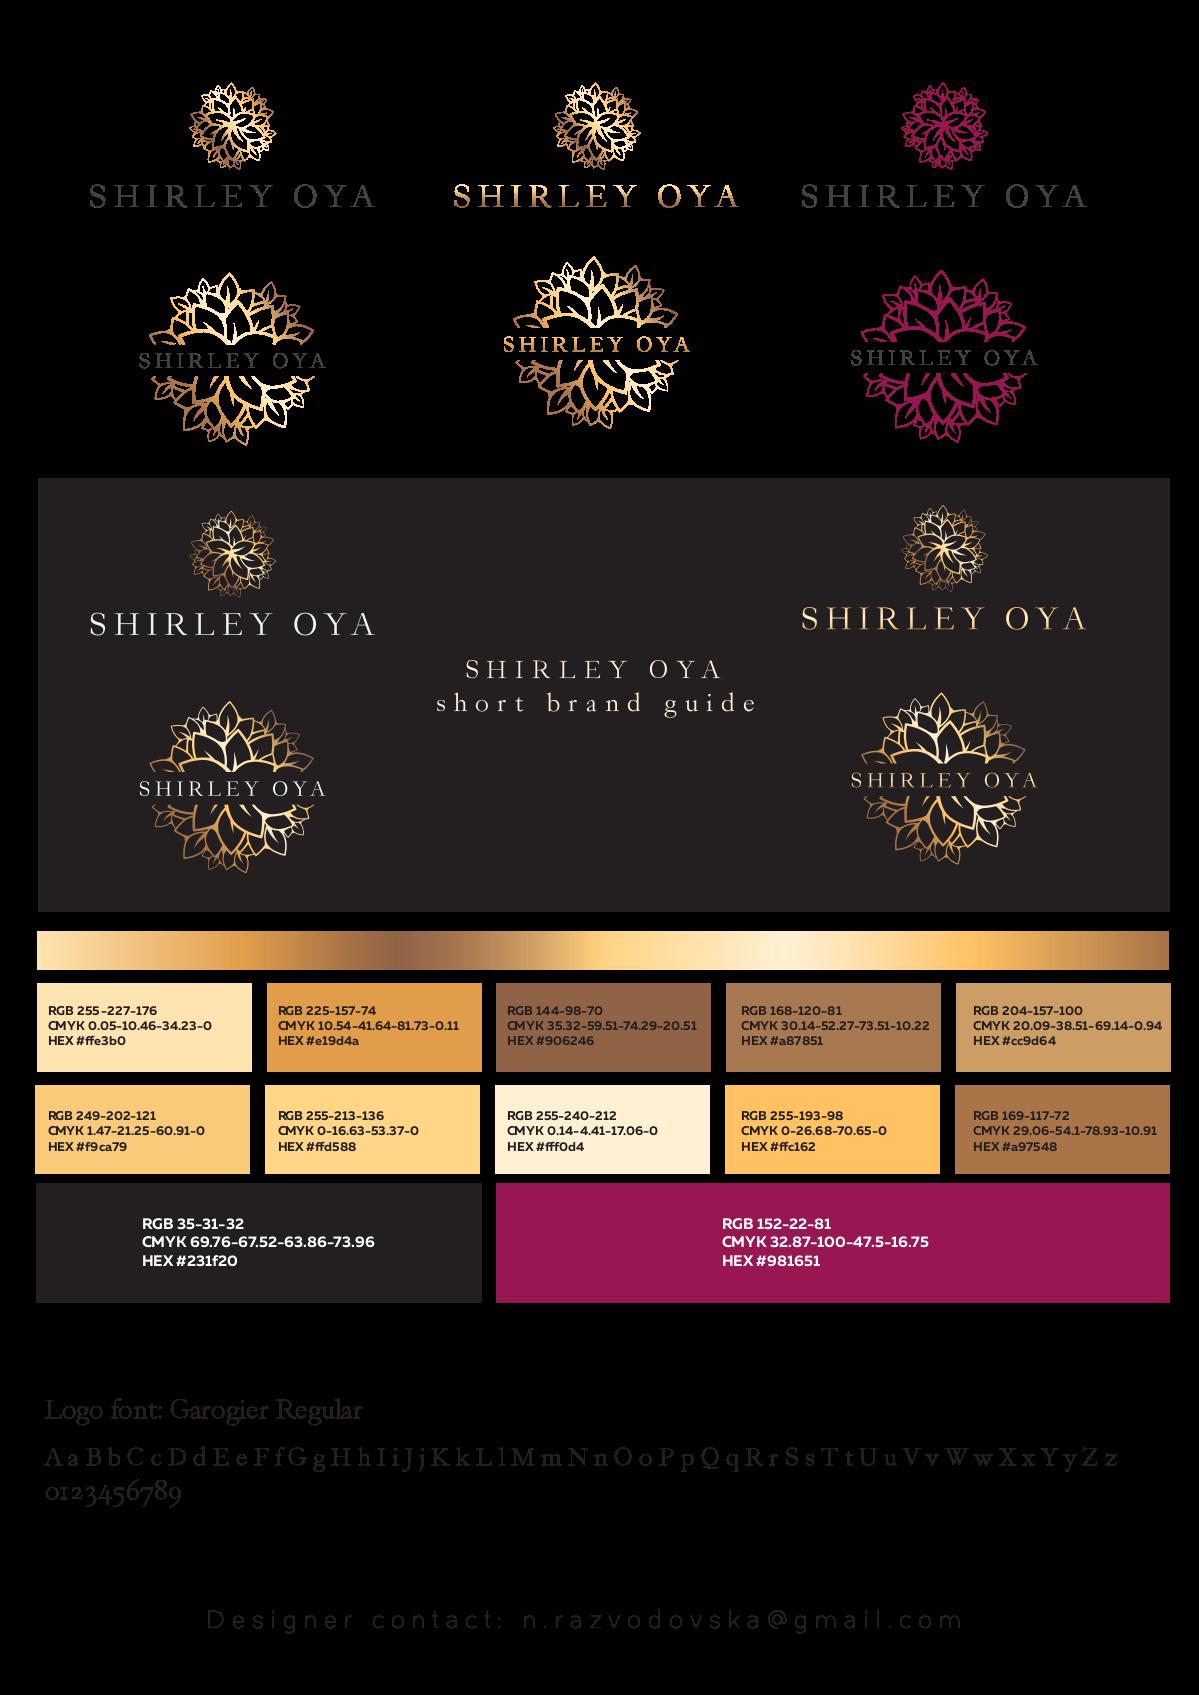 Shirley Oya Logo Design